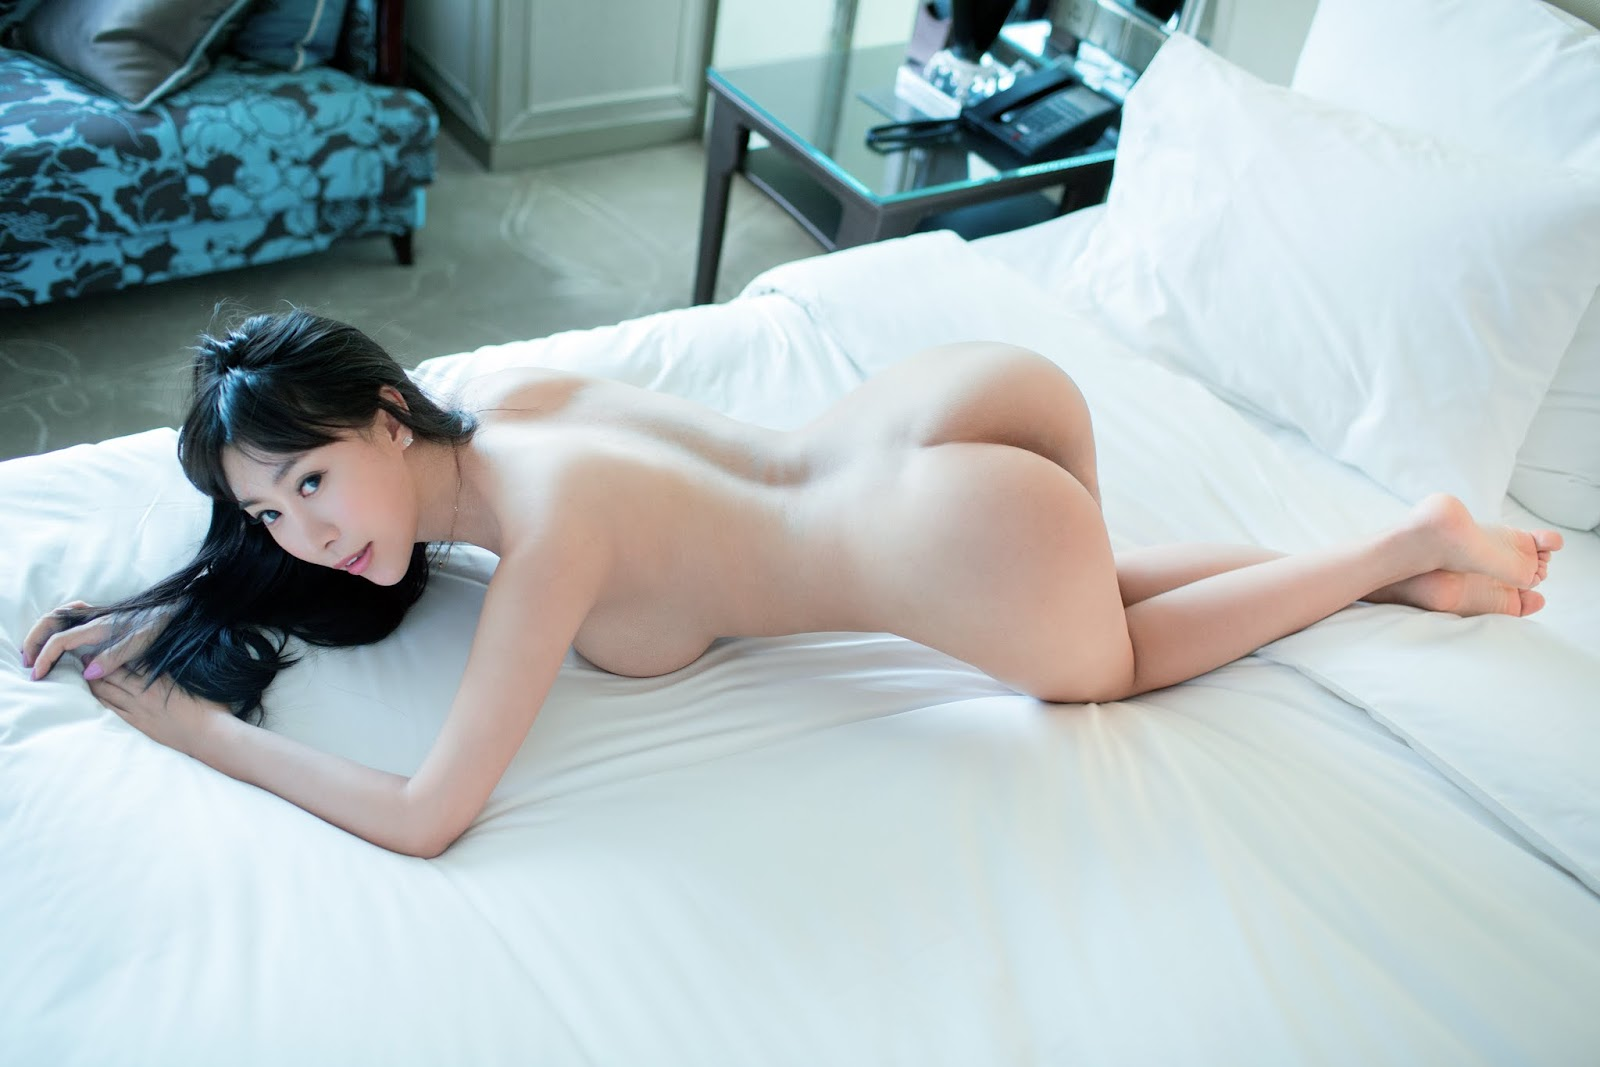 hot big fine ass white xxx girls